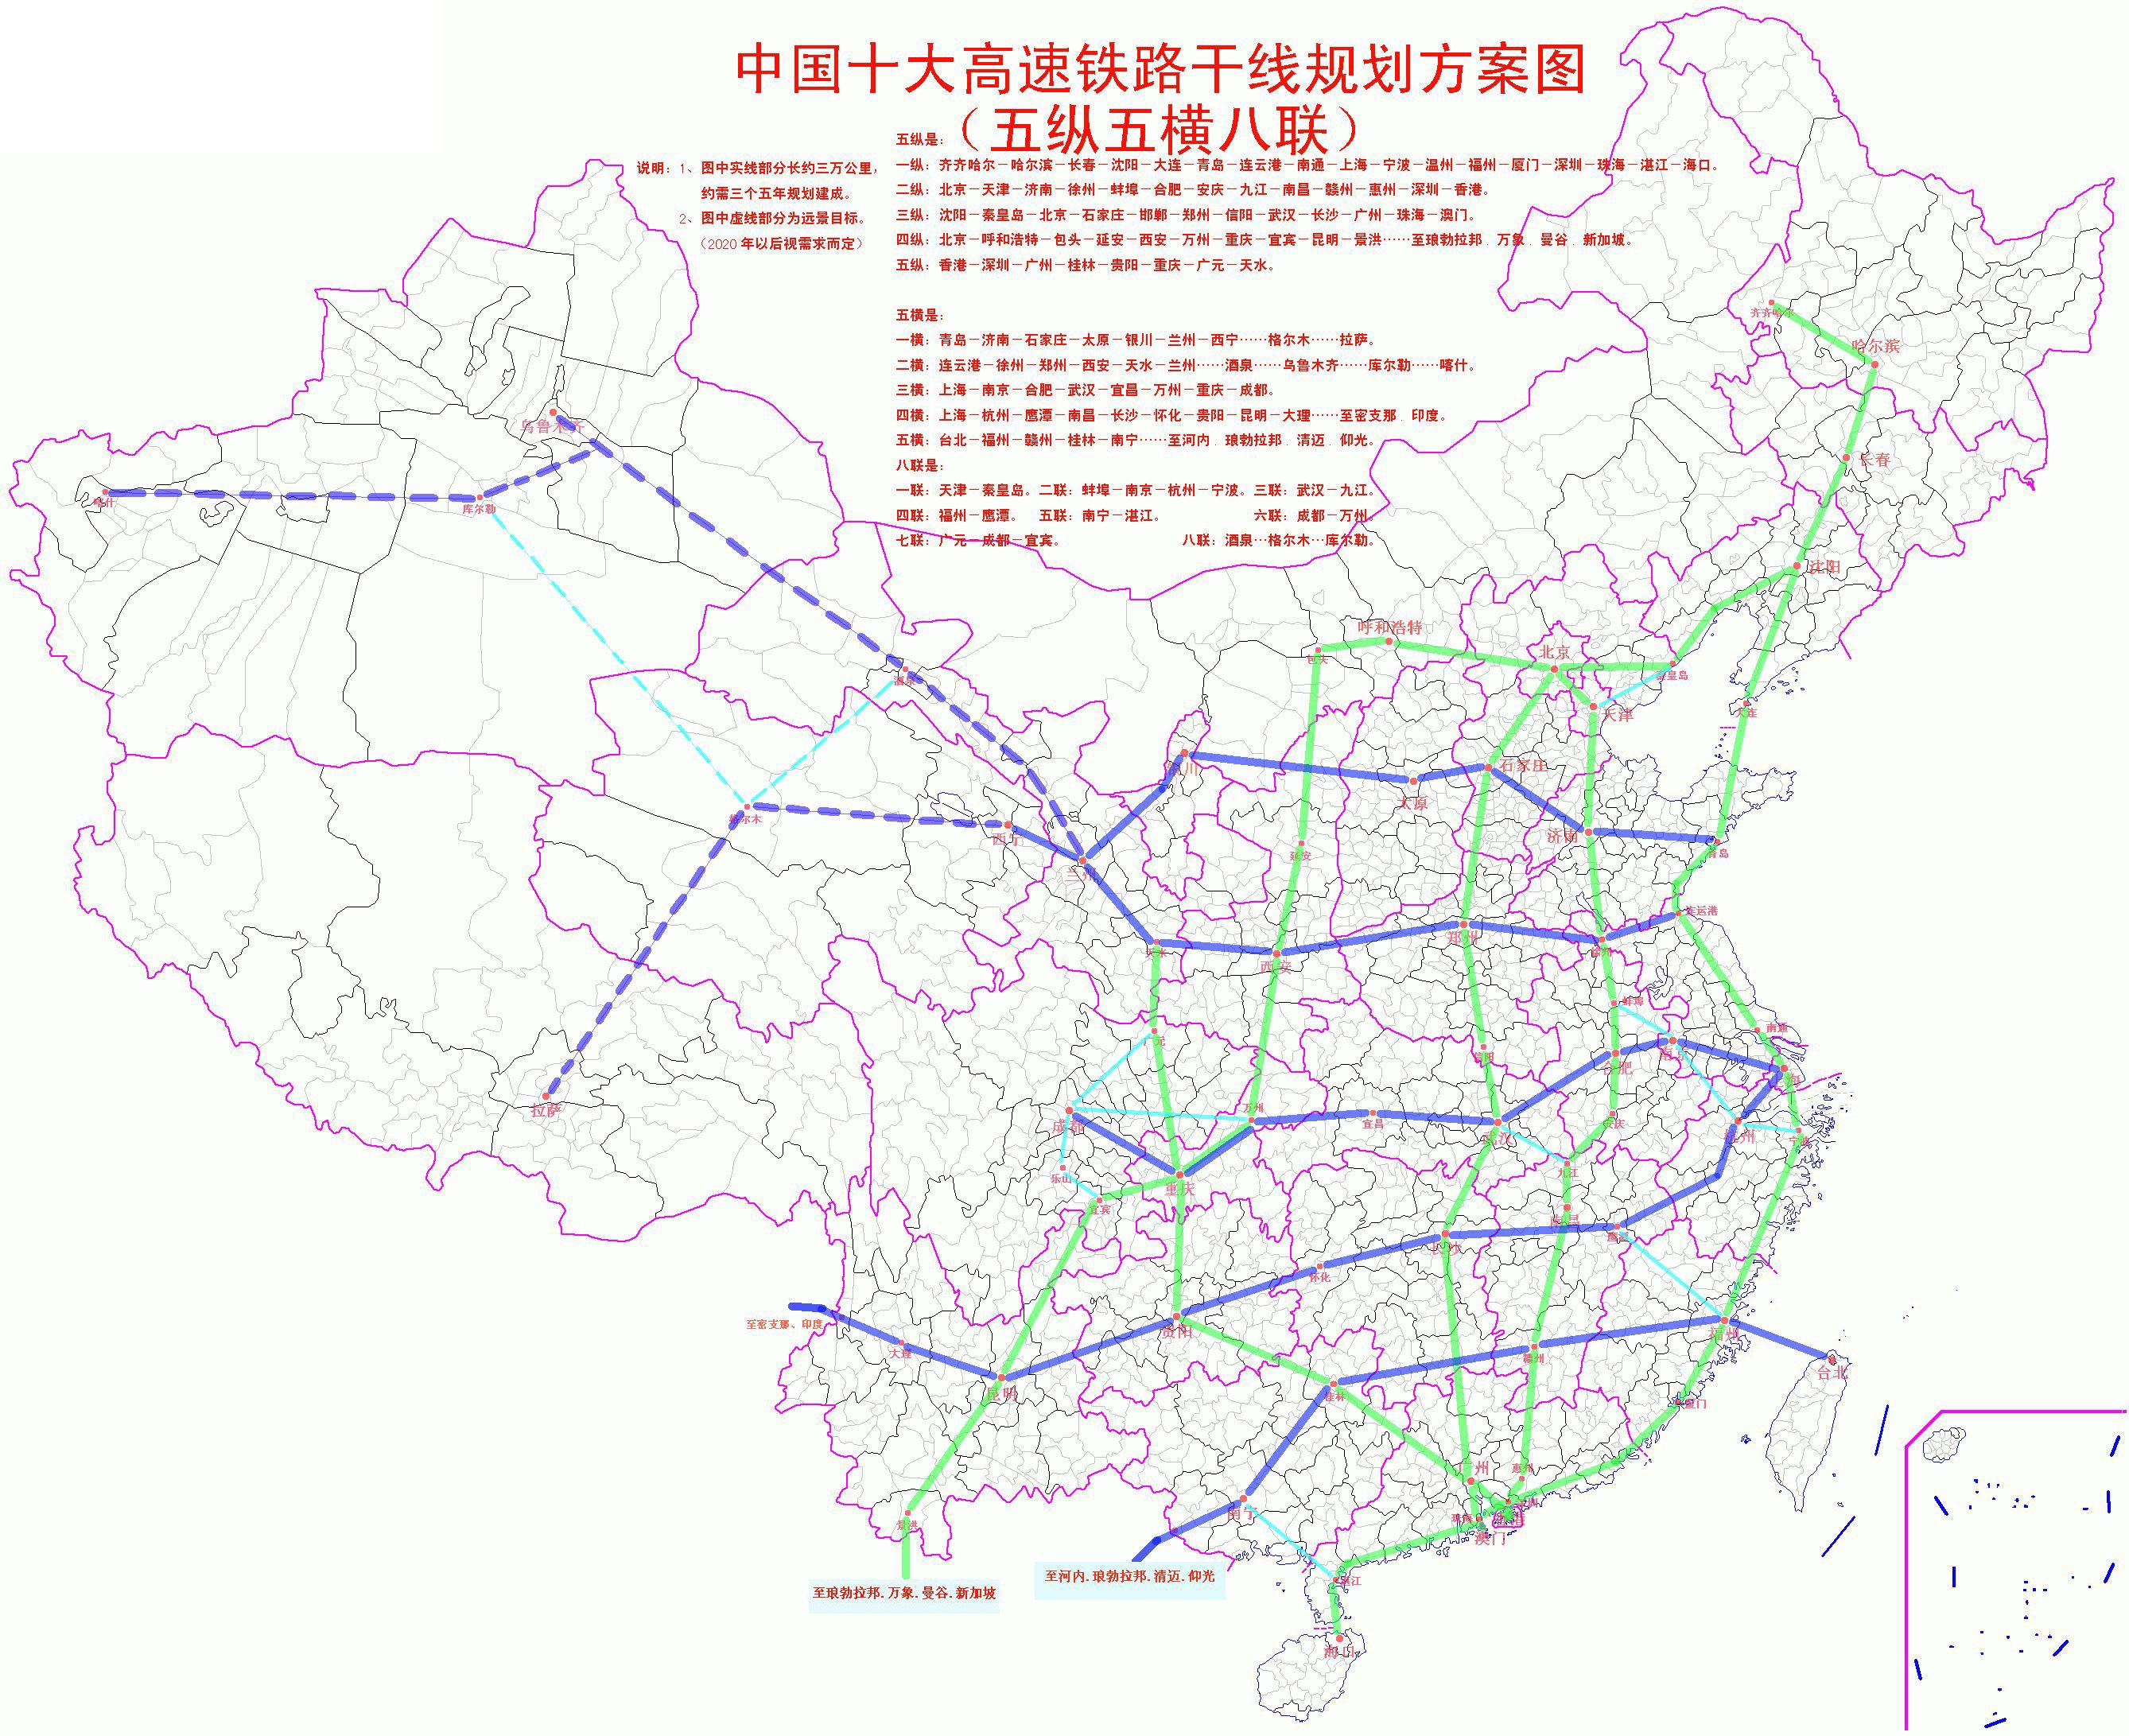 中国十大高速铁路规划方案图